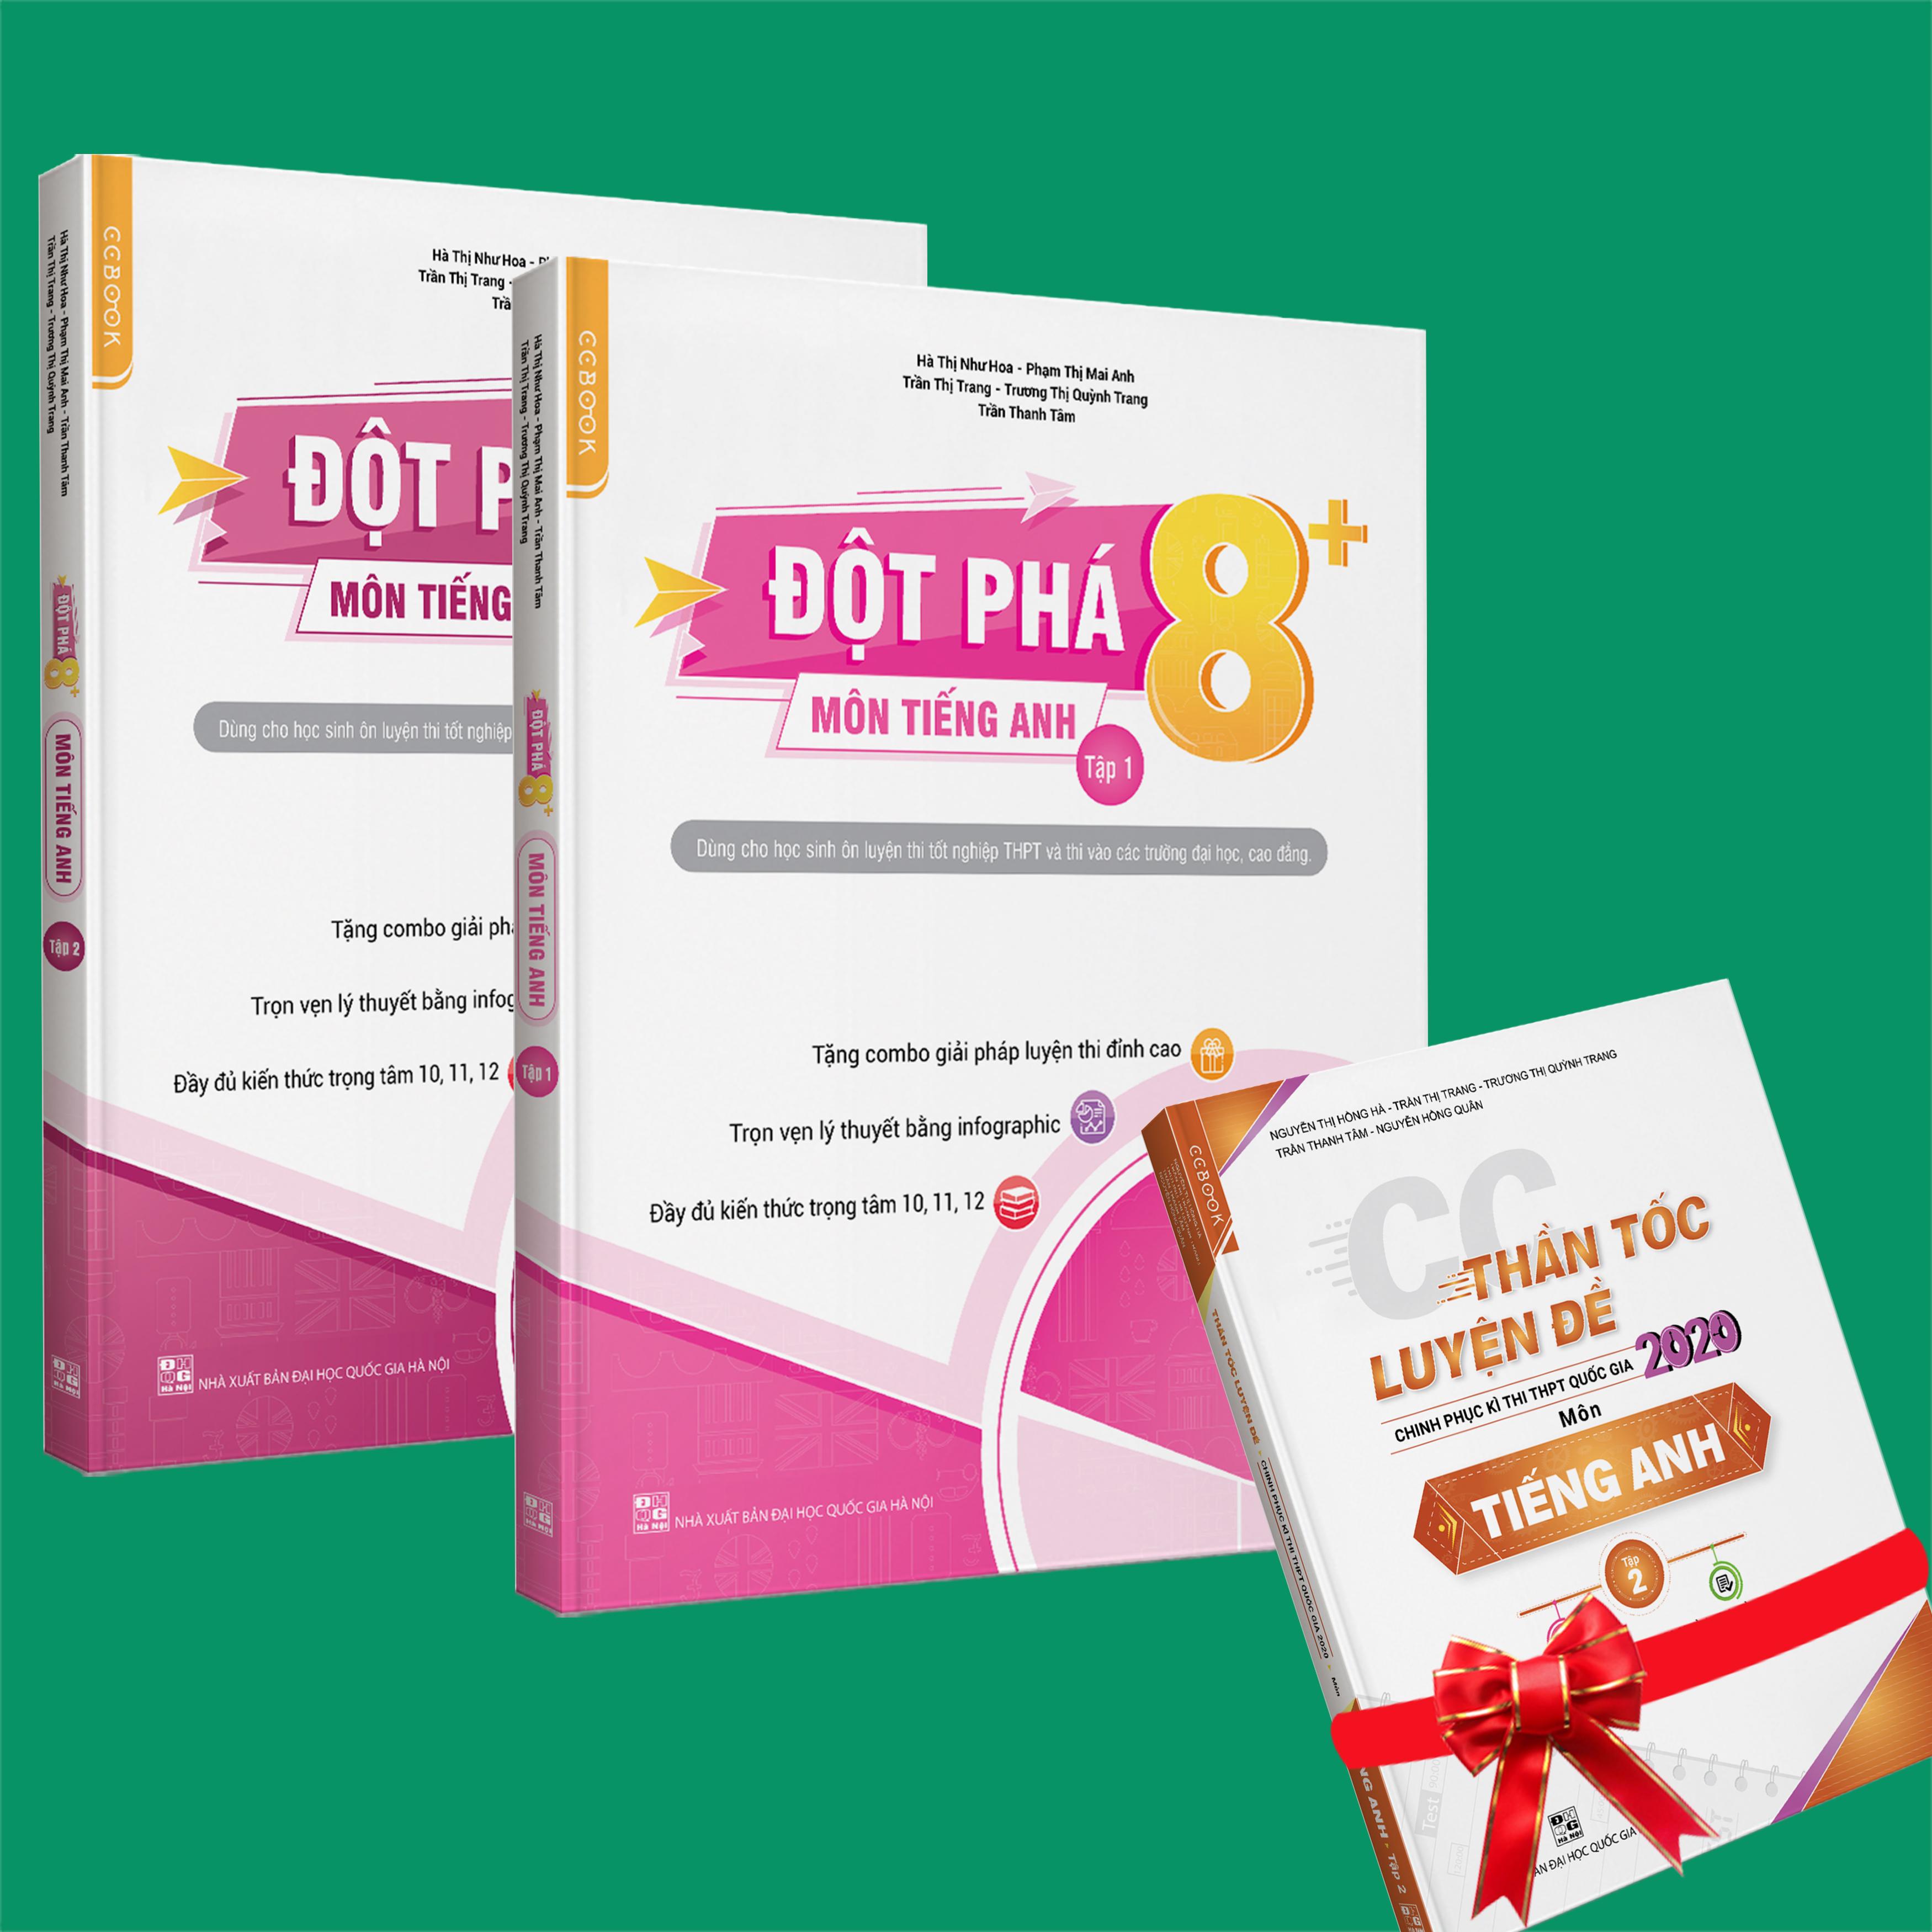 Sách - Combo Đột phá 8+ (phiên bản 2020) môn Tiếng anh tập 1 và 2 (Tặng Thần tốc luyện đề CP kỳ thi THPTQG 2020 môn Tiếng Anh - tập 2)